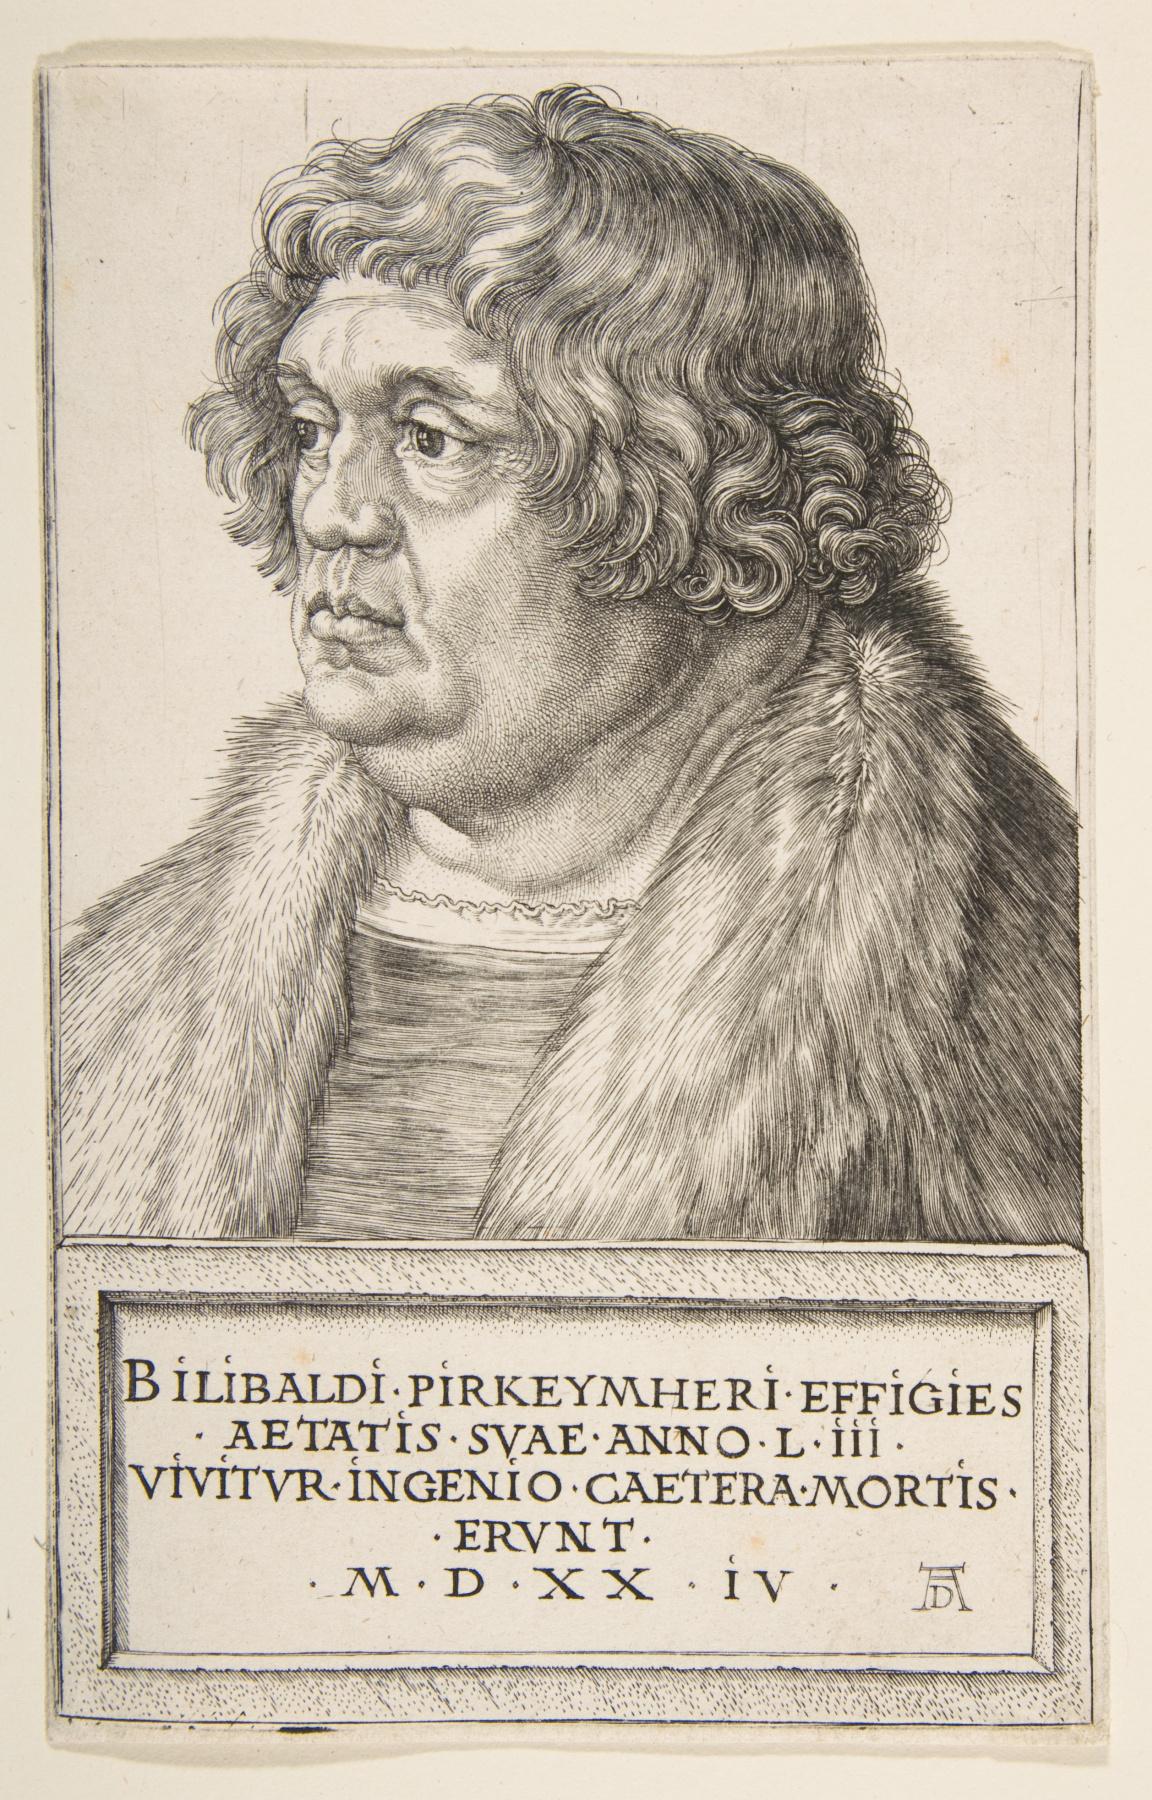 Albrecht Dürer. Portrait Of Willibald Of Pirkheimer